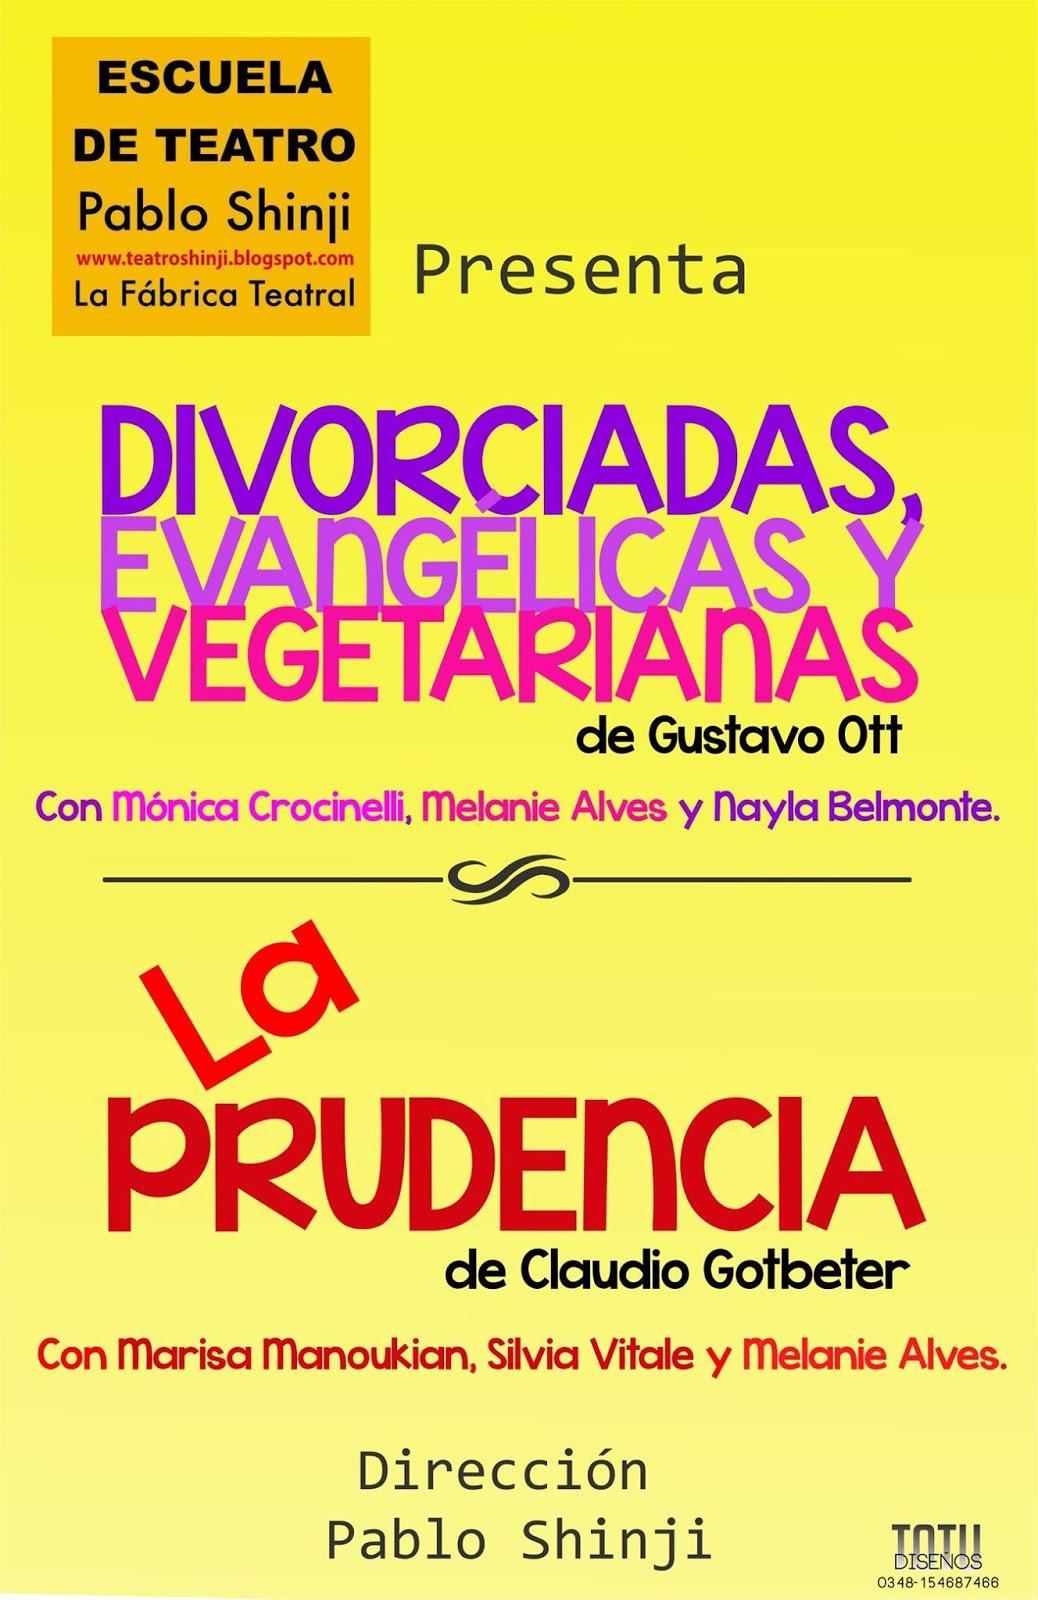 """""""Divorciadas, evangélicas y vegetarianas"""" de Gustavo Ott y """"La prudencia"""" de Claudio Gotbeter"""